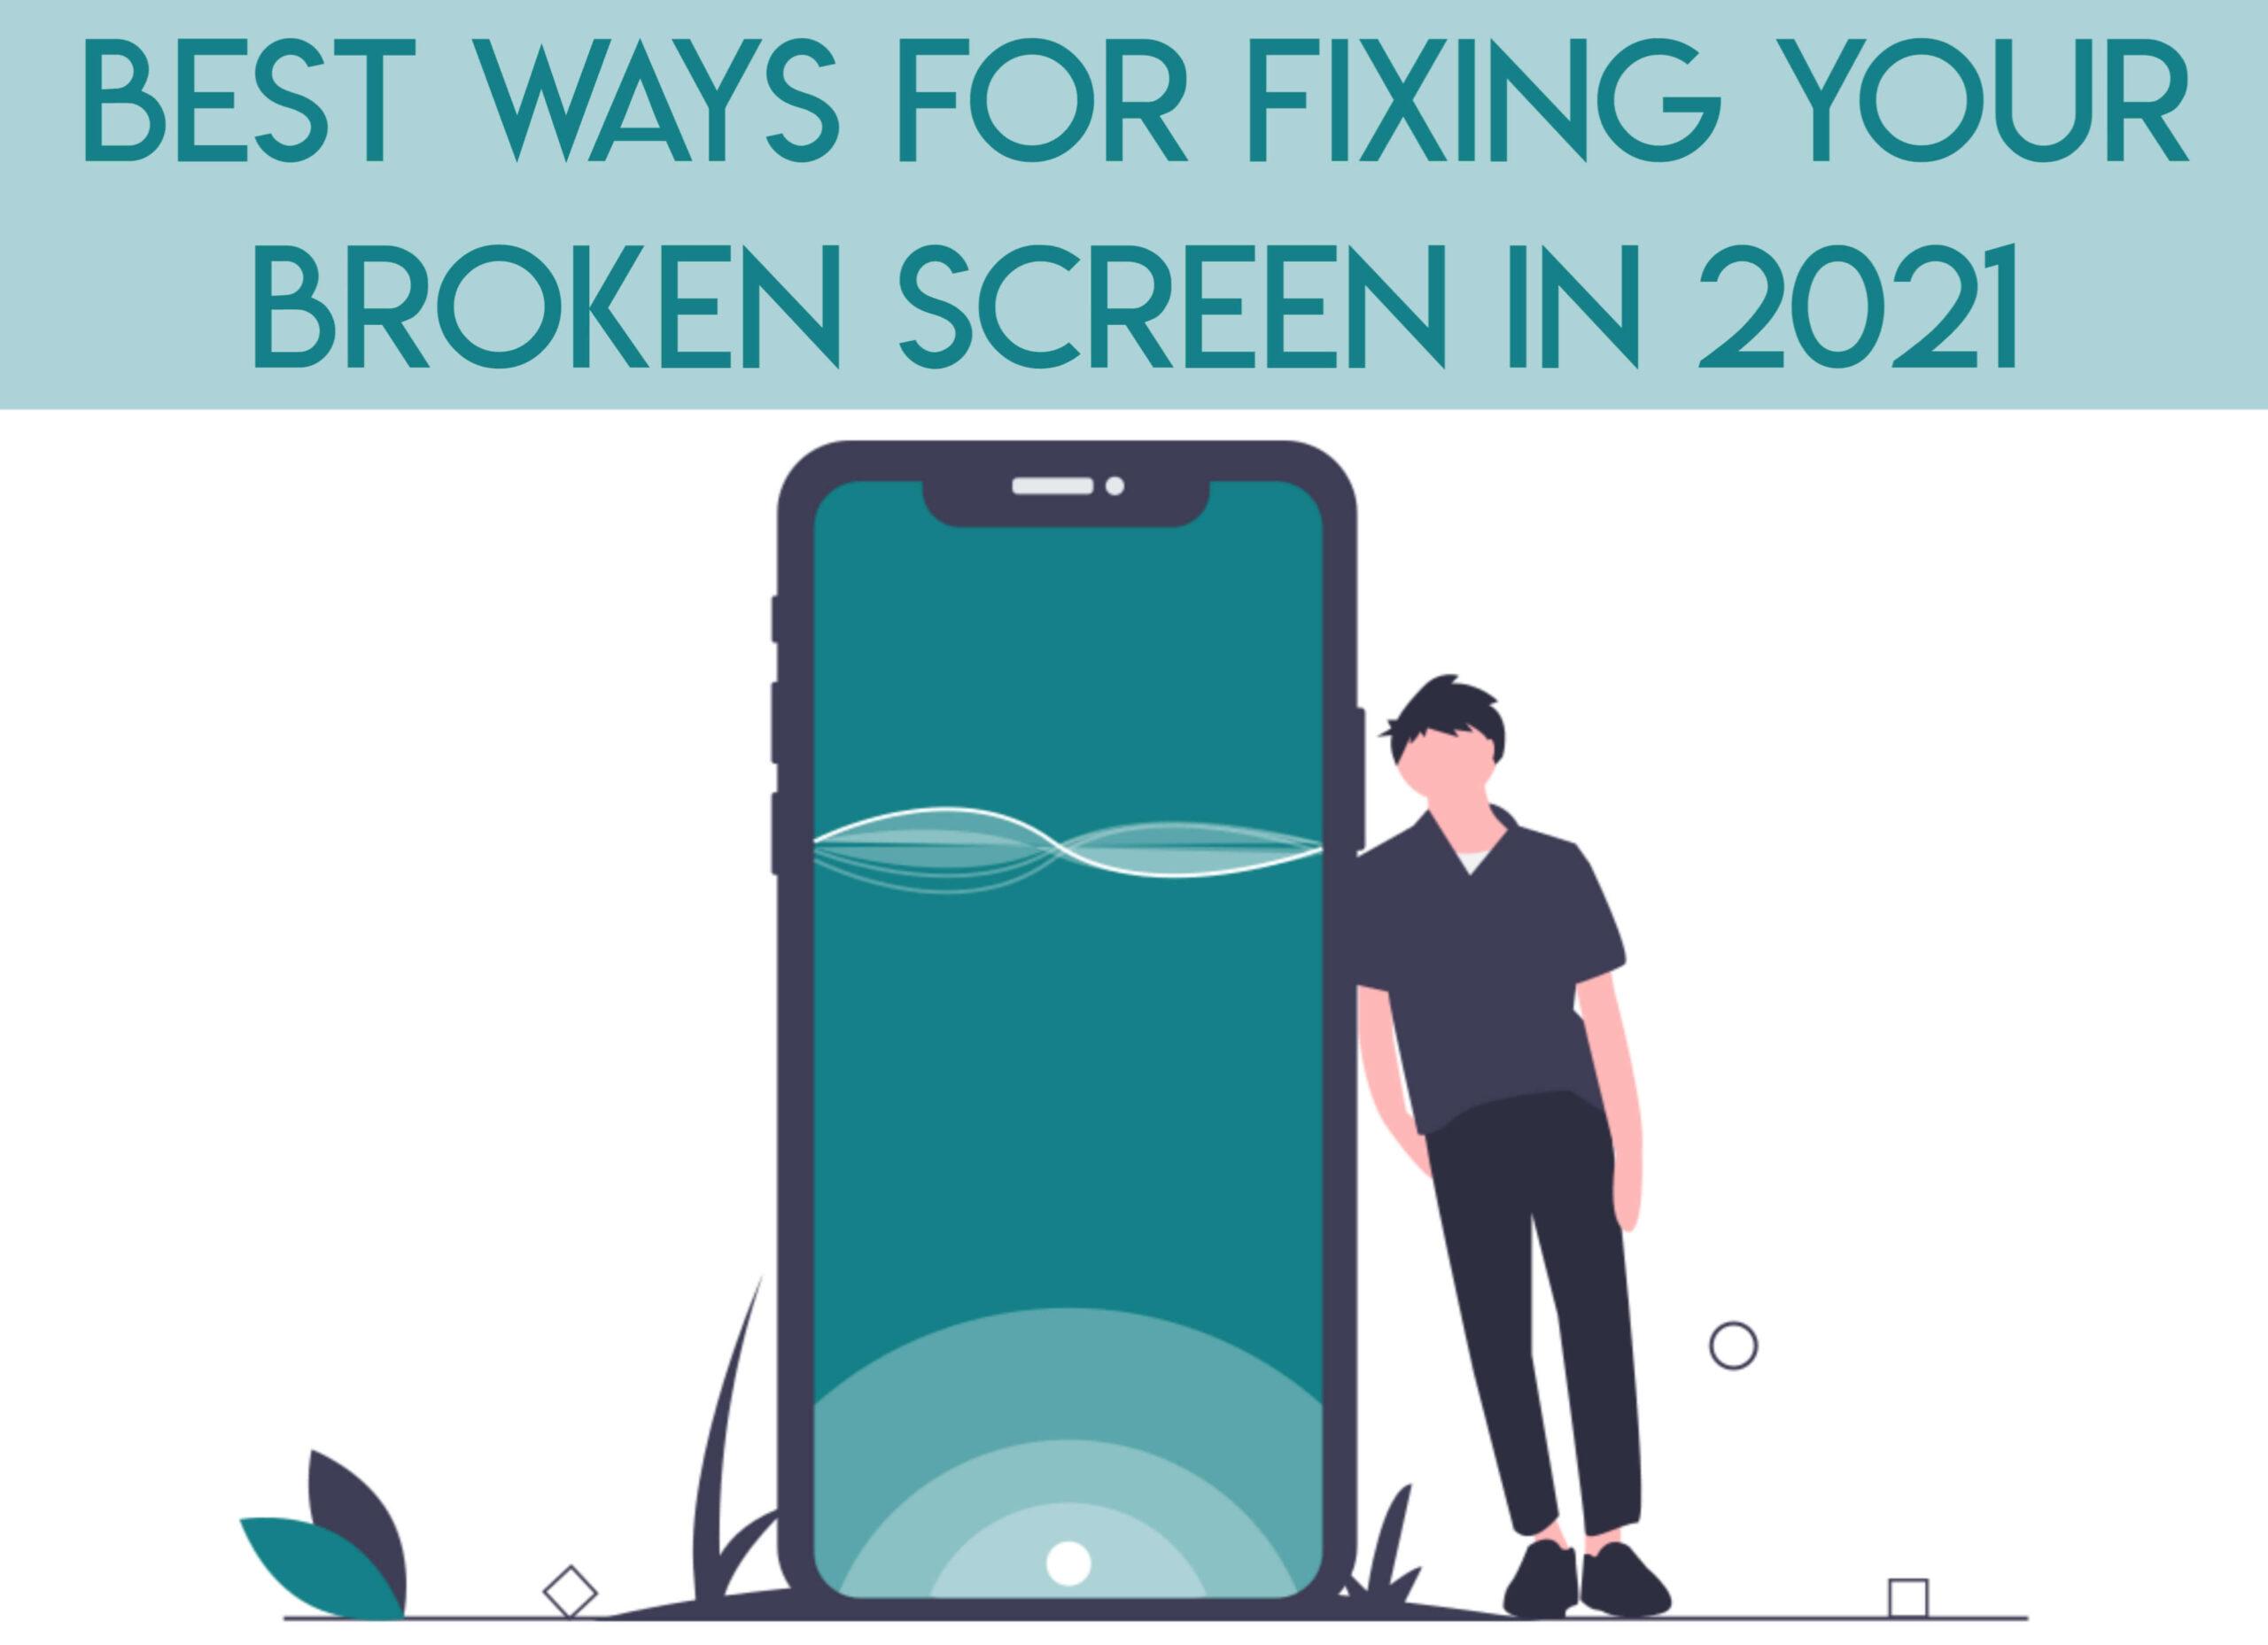 fixing brocken screen